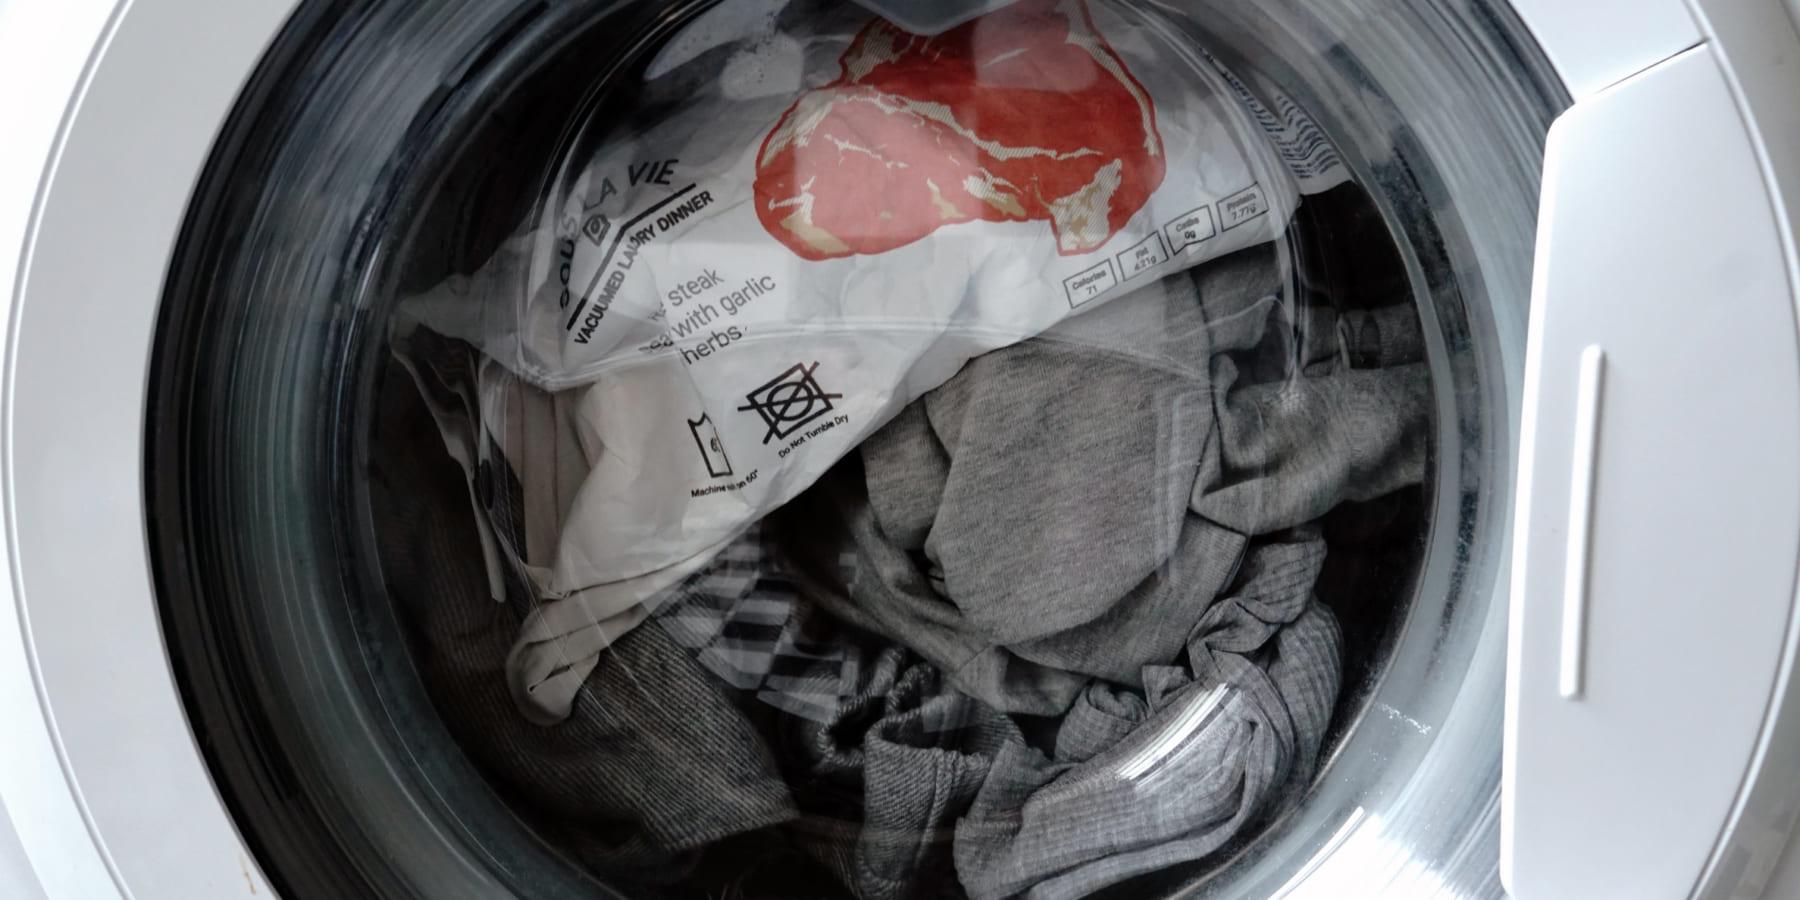 イスラエルの学生が考えた、洗濯機で調理する真空ミール「Sous La Vie」